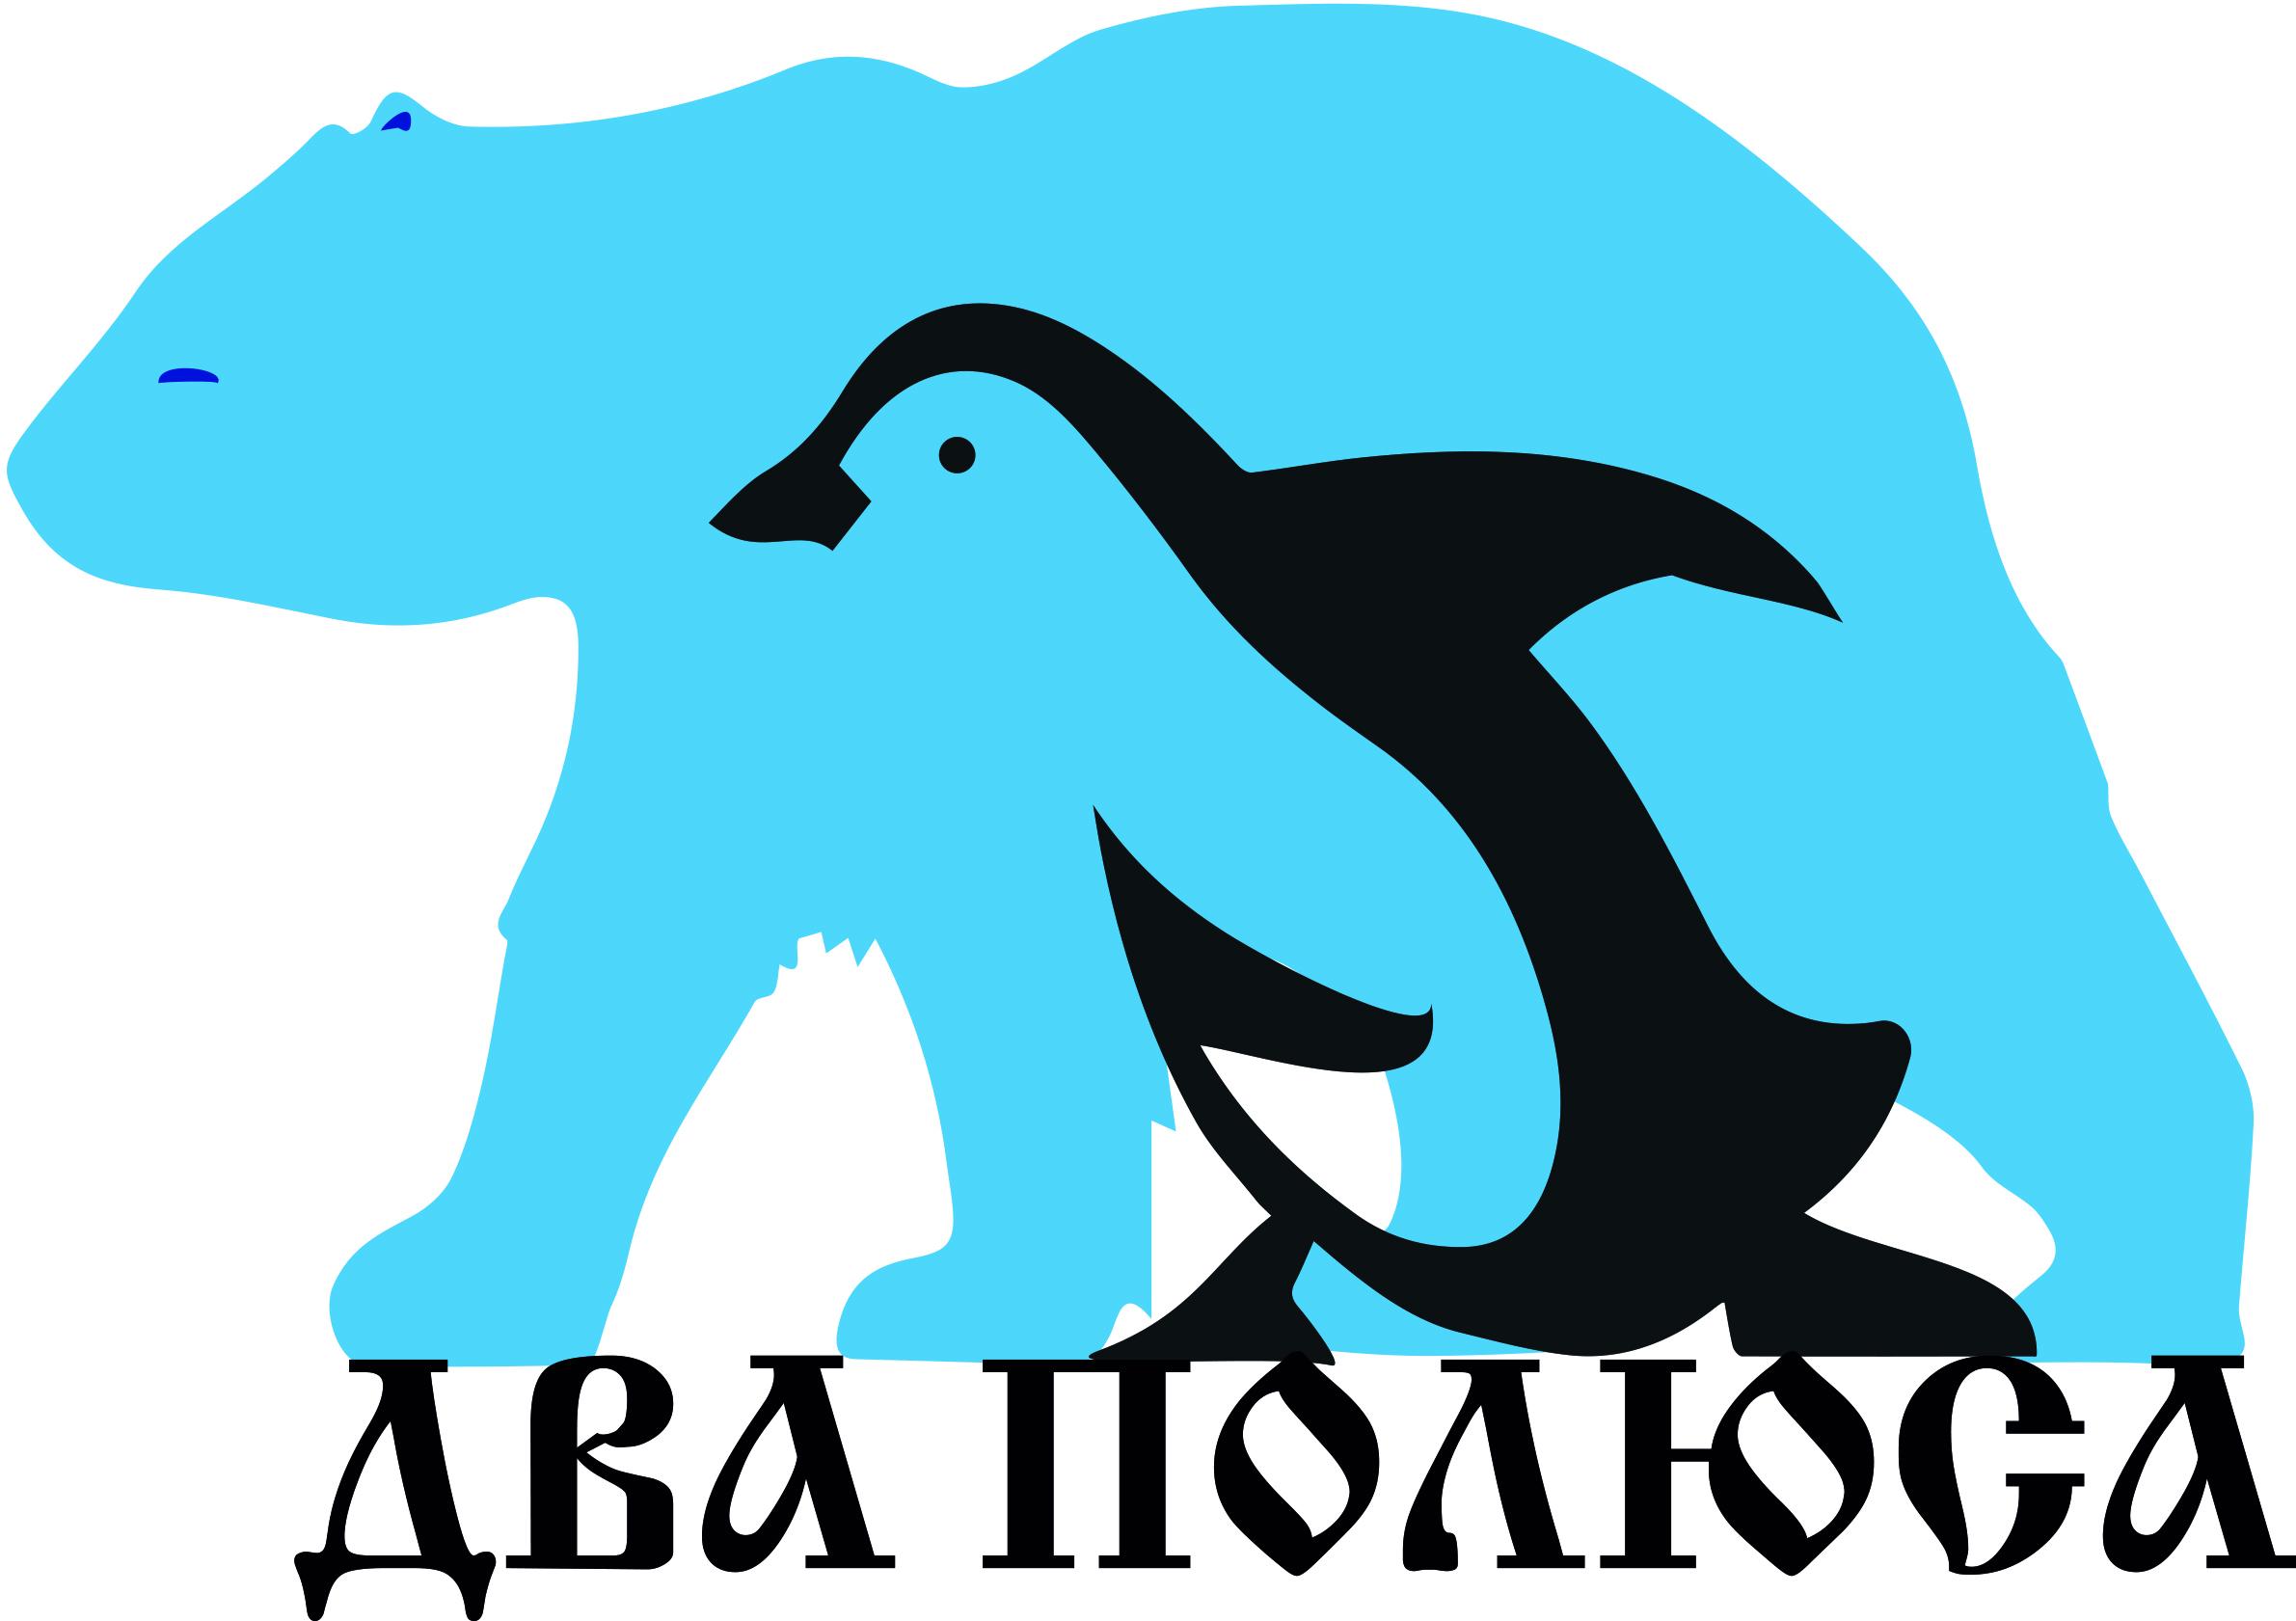 Прием заявок на соискание Национальной премии «ДВА ПОЛЮСА», посвященной памяти легендарного исследователя-полярника Н.А.Корнилова